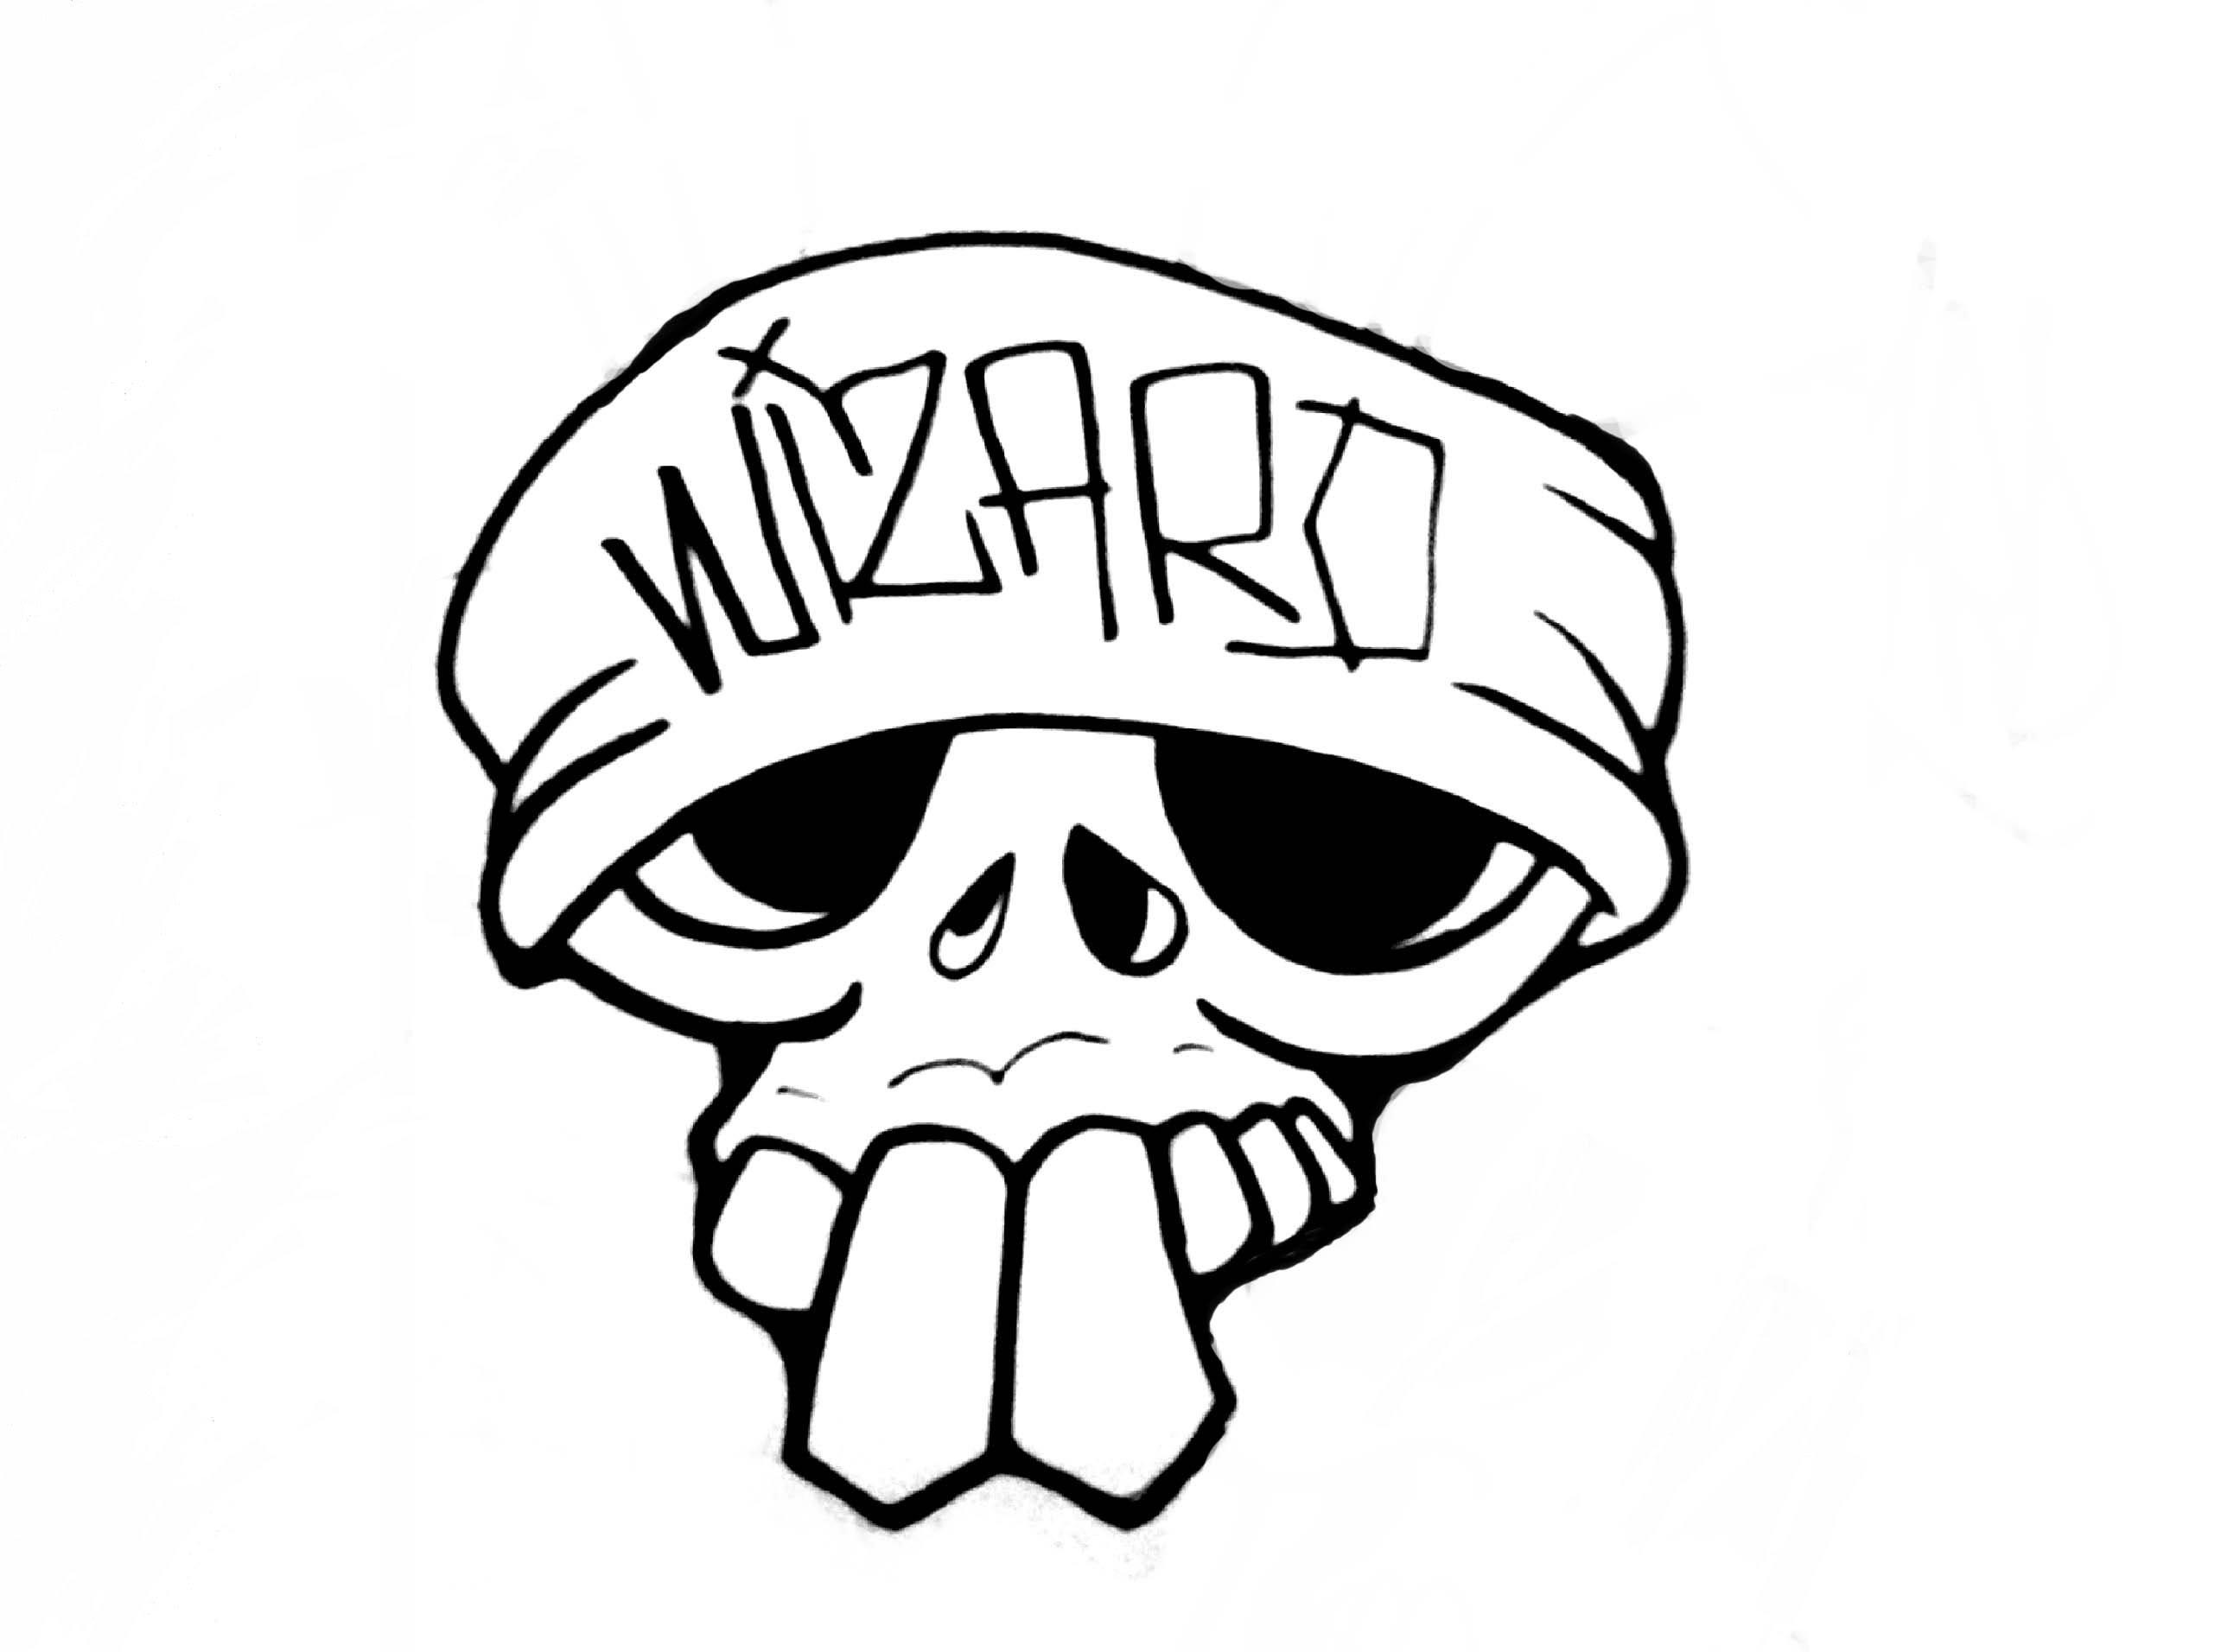 2592x1912 Graffiti Skull Tattoos How To Draw An Owl And Skull Tattoo, Step